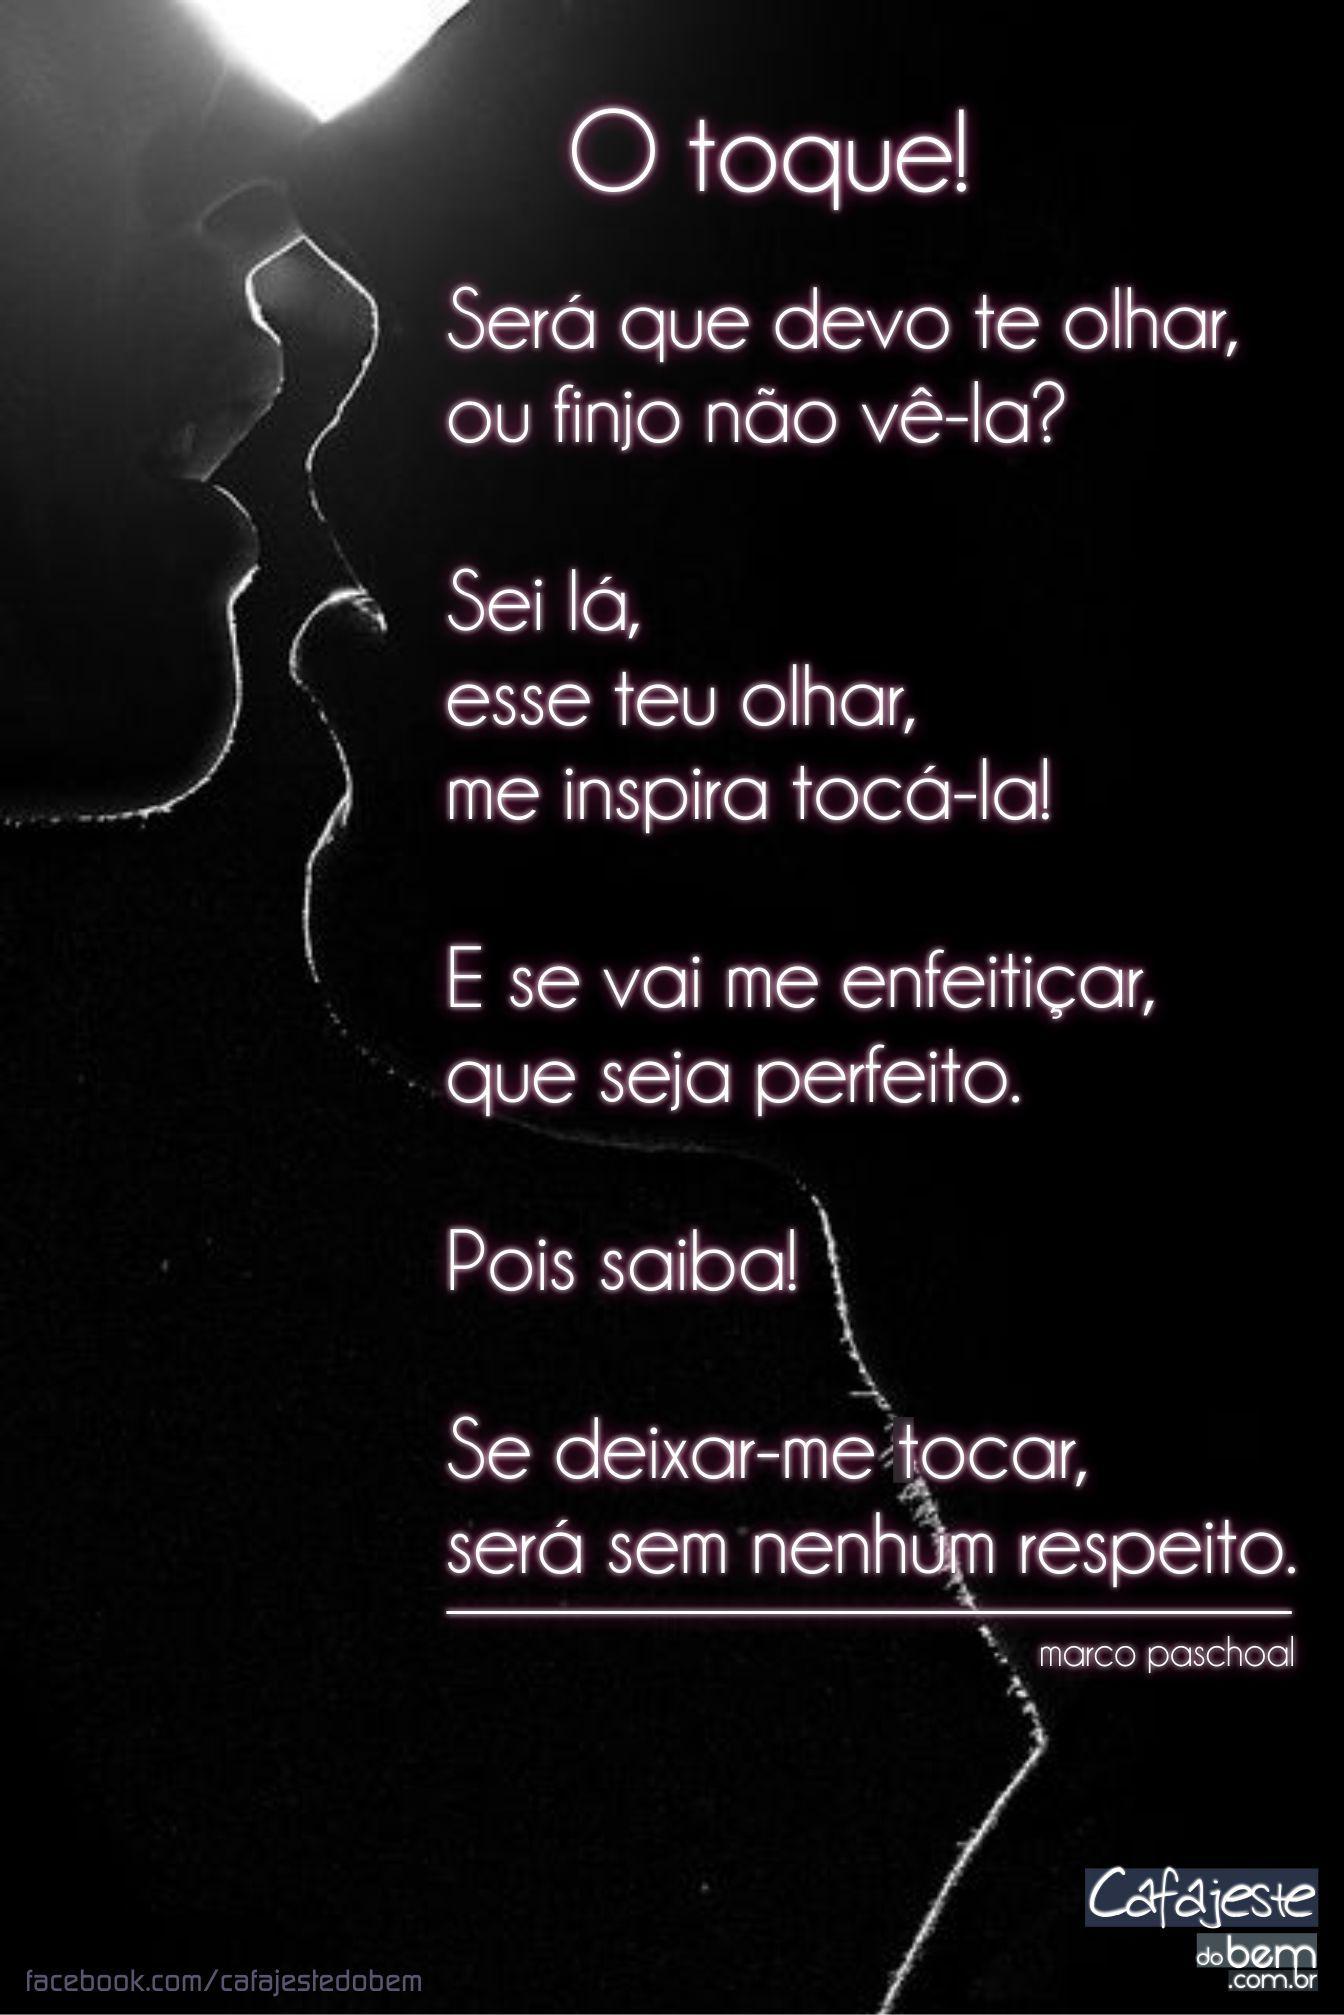 #enfeiticar#tocar#semnenhumrespeito